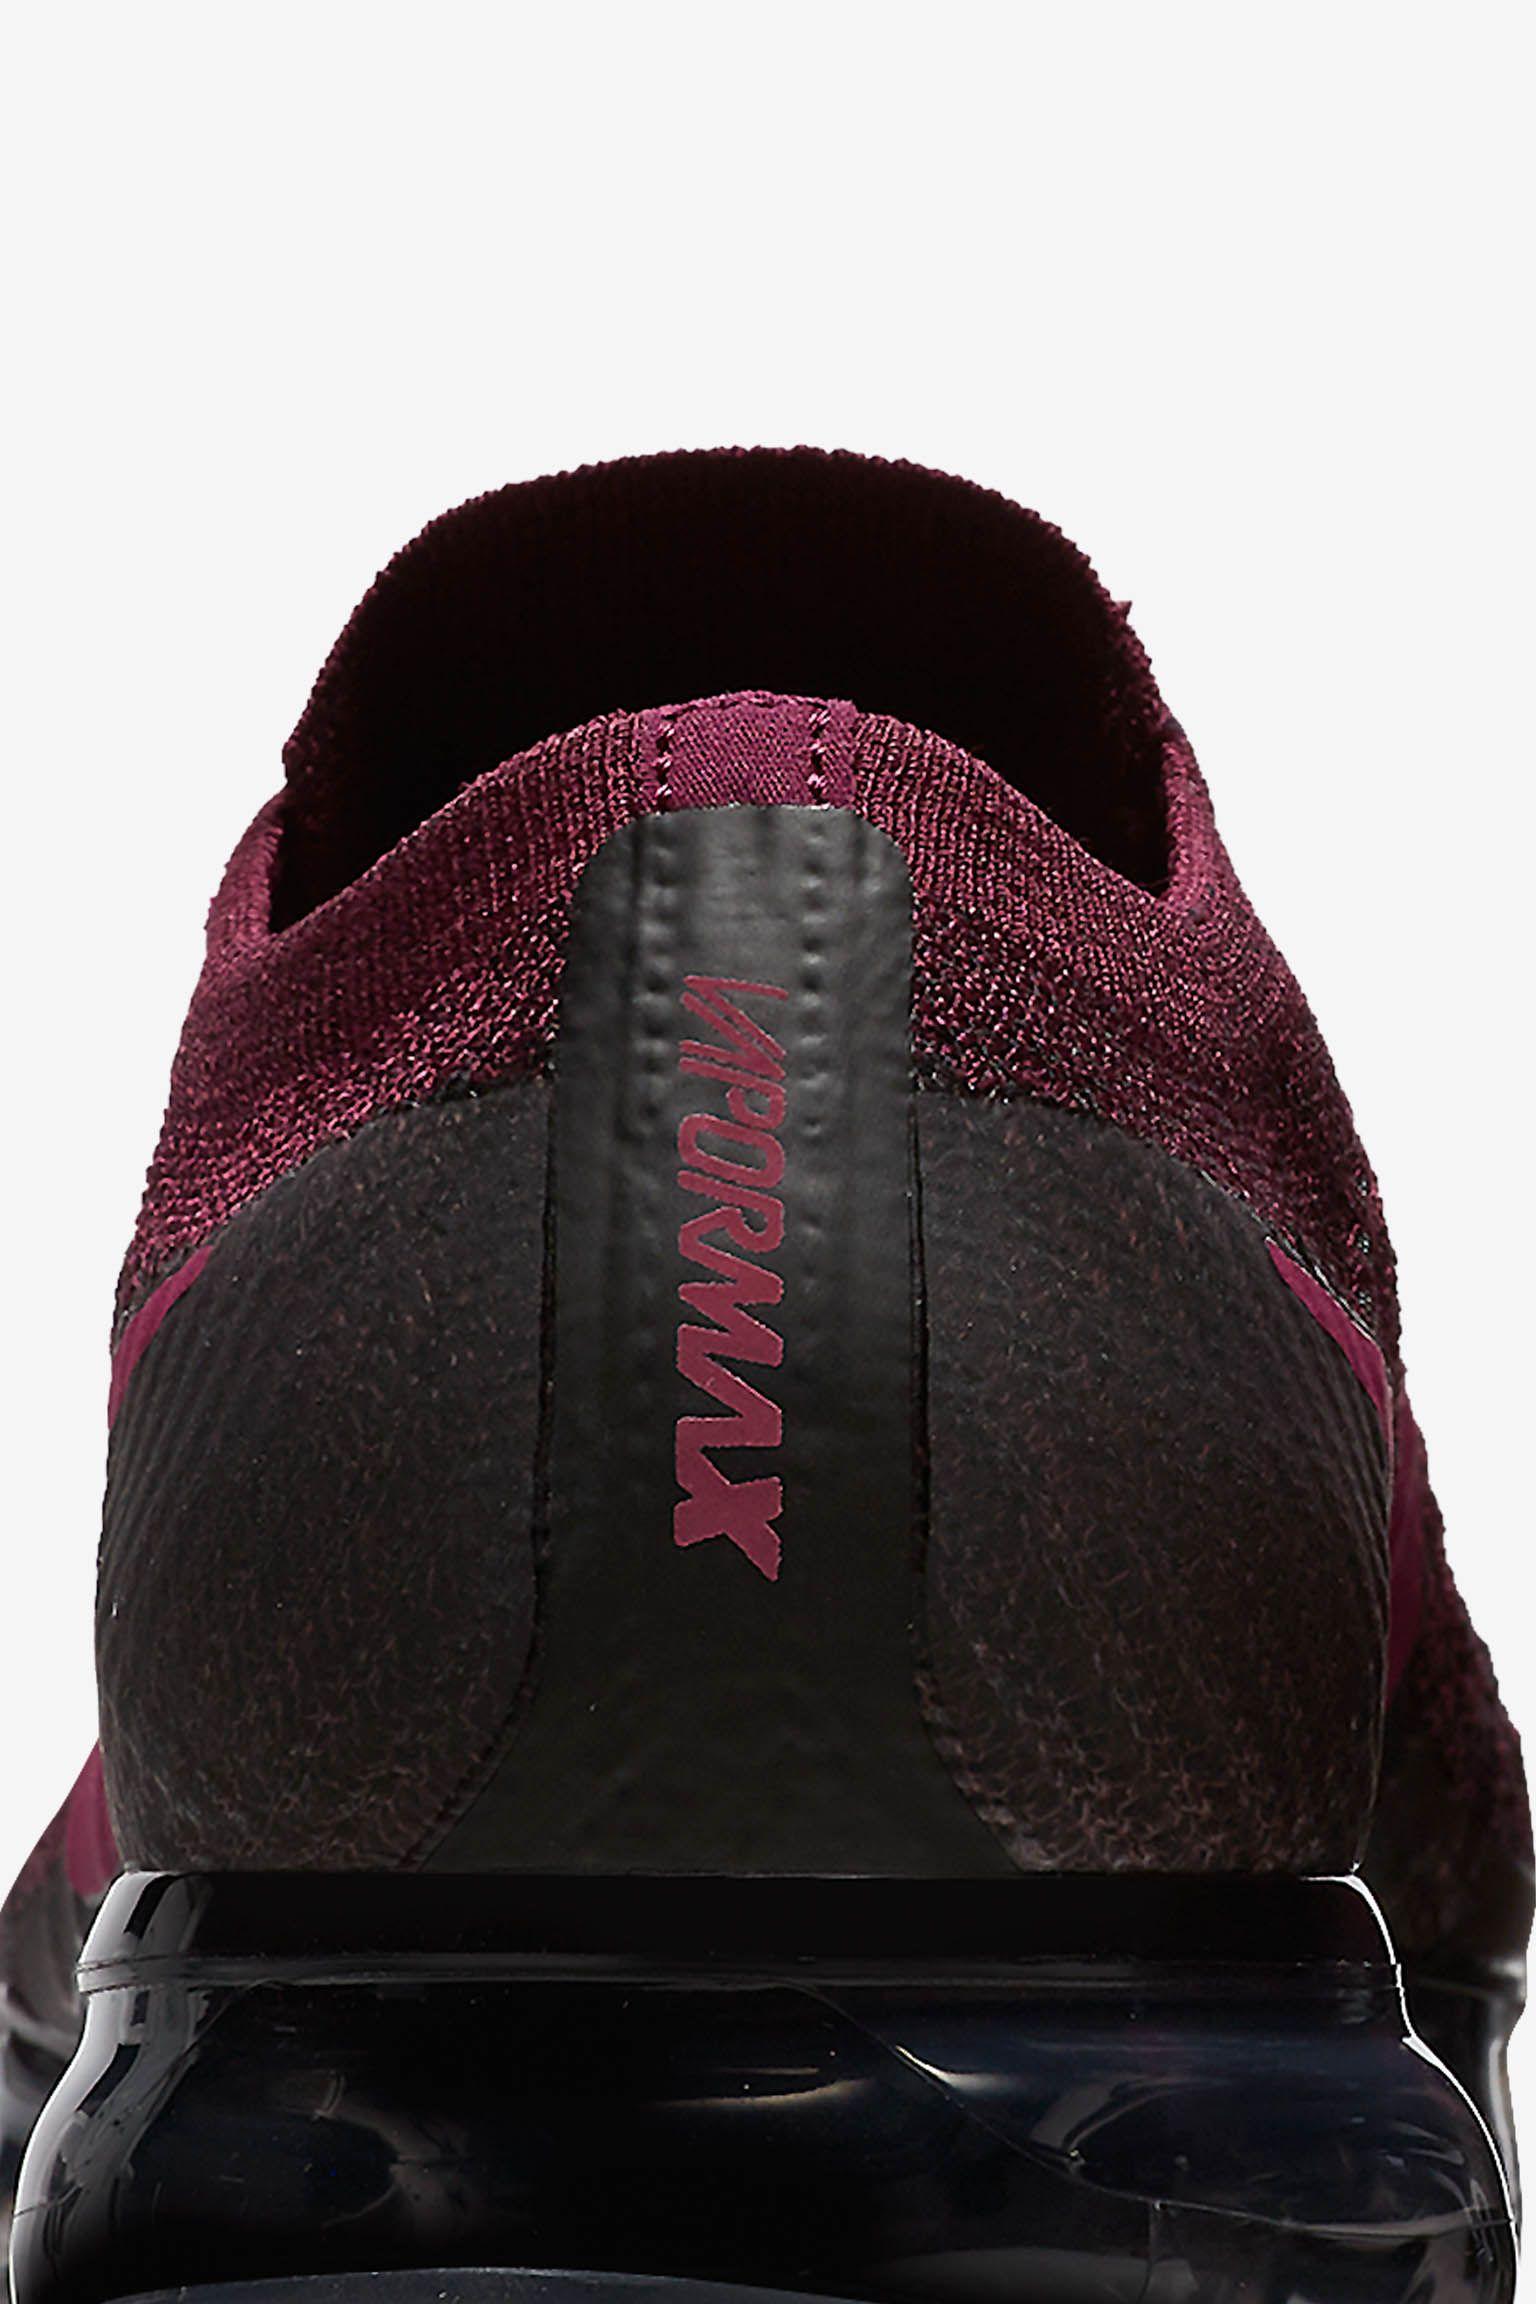 Women's Nike Air Vapormax 'Bordeaux & Black' Release Date